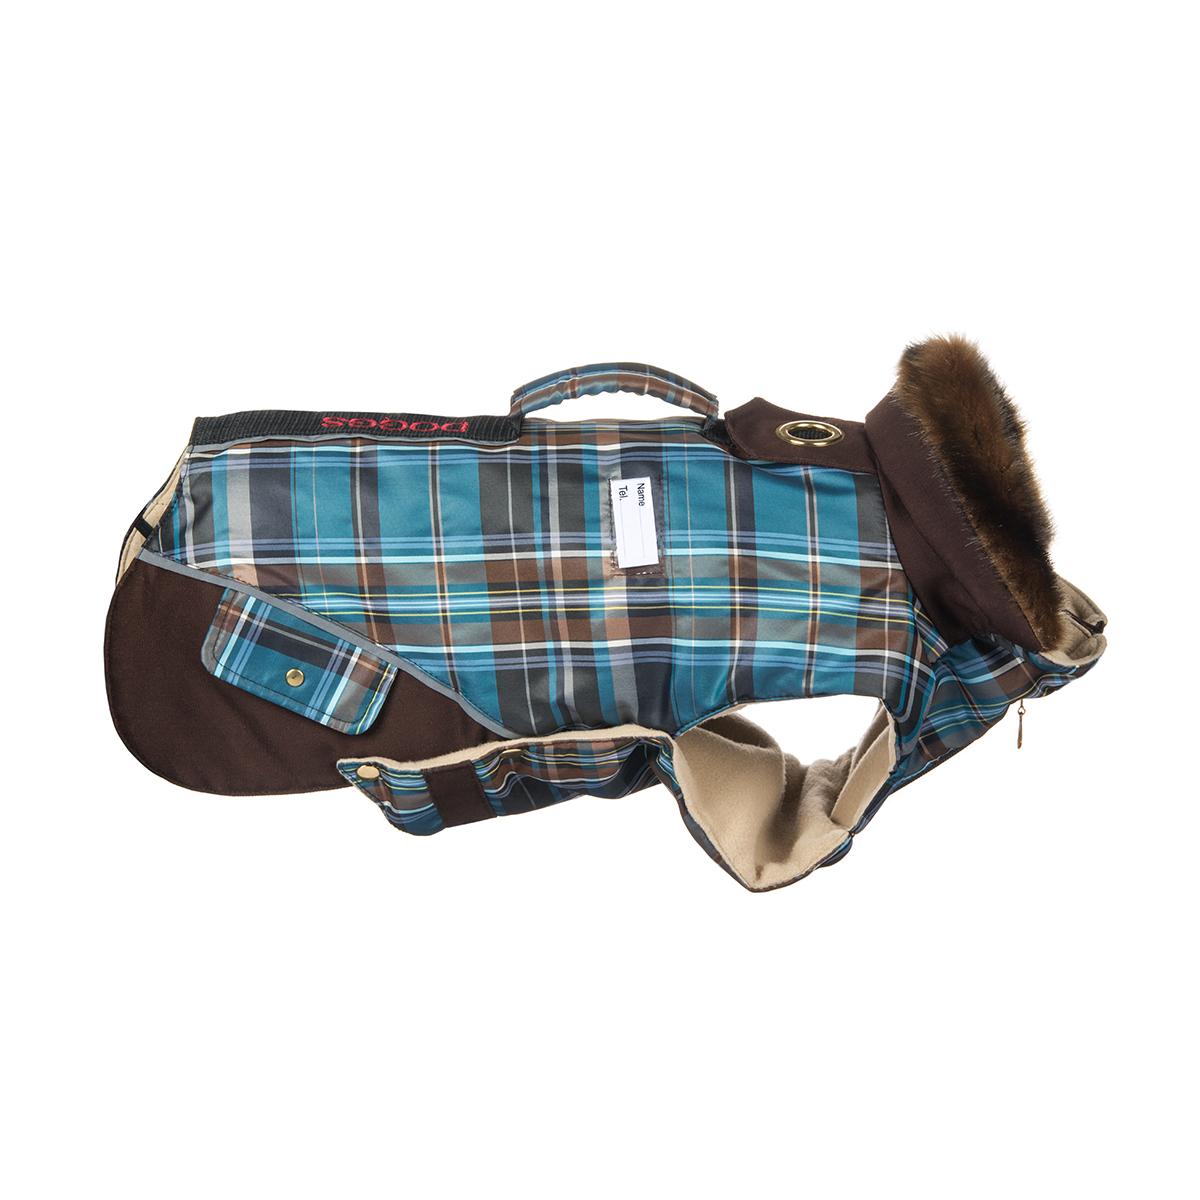 Попона для собак Dogmoda Doggs, для мальчика, цвет: синий, коричневый. Размер MDM-140546Теплая попона для собак Dogmoda Doggs отлично подойдет для прогулок в холодное время года. Попона изготовлена из водоотталкивающего полиэстера, защищающего от ветра и осадков, с утеплителем из синтепона, который сохранит тепло даже в сильные морозы, а на подкладке используется флис, который отлично сохраняет тепло и обеспечивает воздухообмен. Попона оснащена прорезями для ног и застегивается на кнопки, а высокий ворот с расширителем имеет застежку-молнию и кнопку, благодаря чему ее легко надевать и снимать. Ворот украшен искусственным мехом. На животе попона затягивается на шнурок-кулиску с зажимом. Спинка декорирована вышитой надписью Doggs, оснащена светоотражающими элементами и ручкой. Модель снабжена непромокаемым карманом для размещения записки с информацией о вашем питомце, на случай если он потеряется. Благодаря такой попоне питомцу будет тепло и комфортно в любое время года. Попона подходит для собак следующих пород: -...